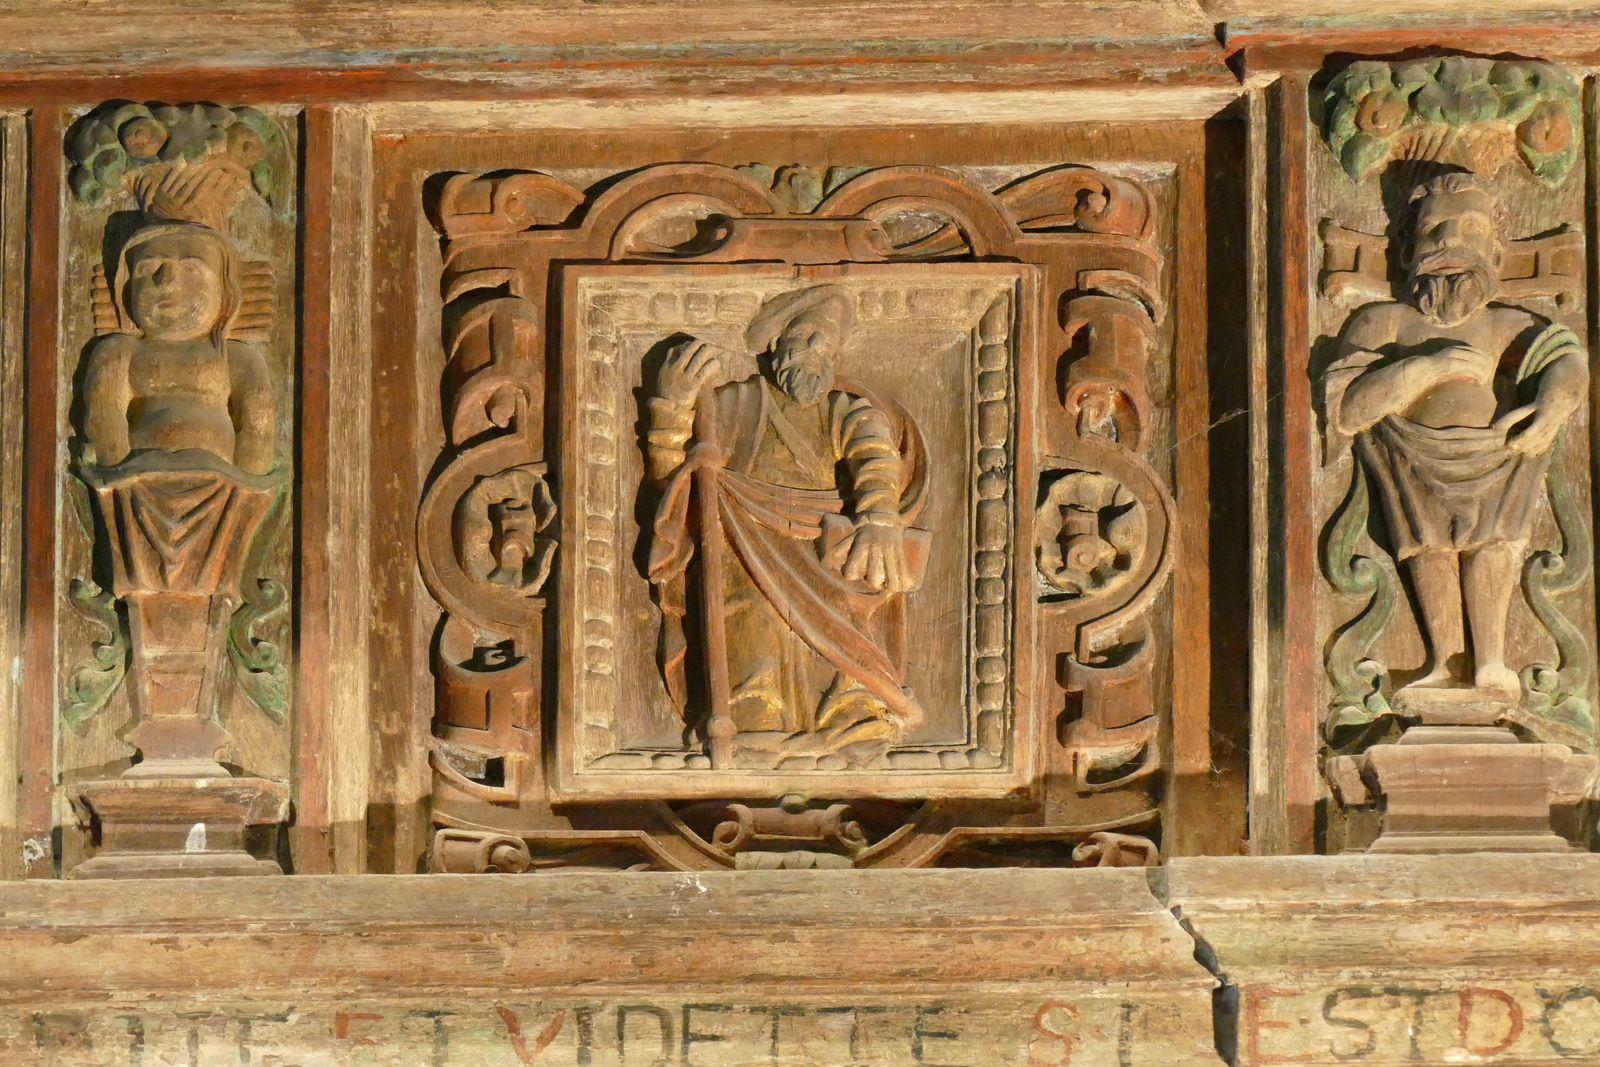 Clôture de chœur de la chapelle Saint-Herbot. Photographie lavieb-aile 4 août 2021.